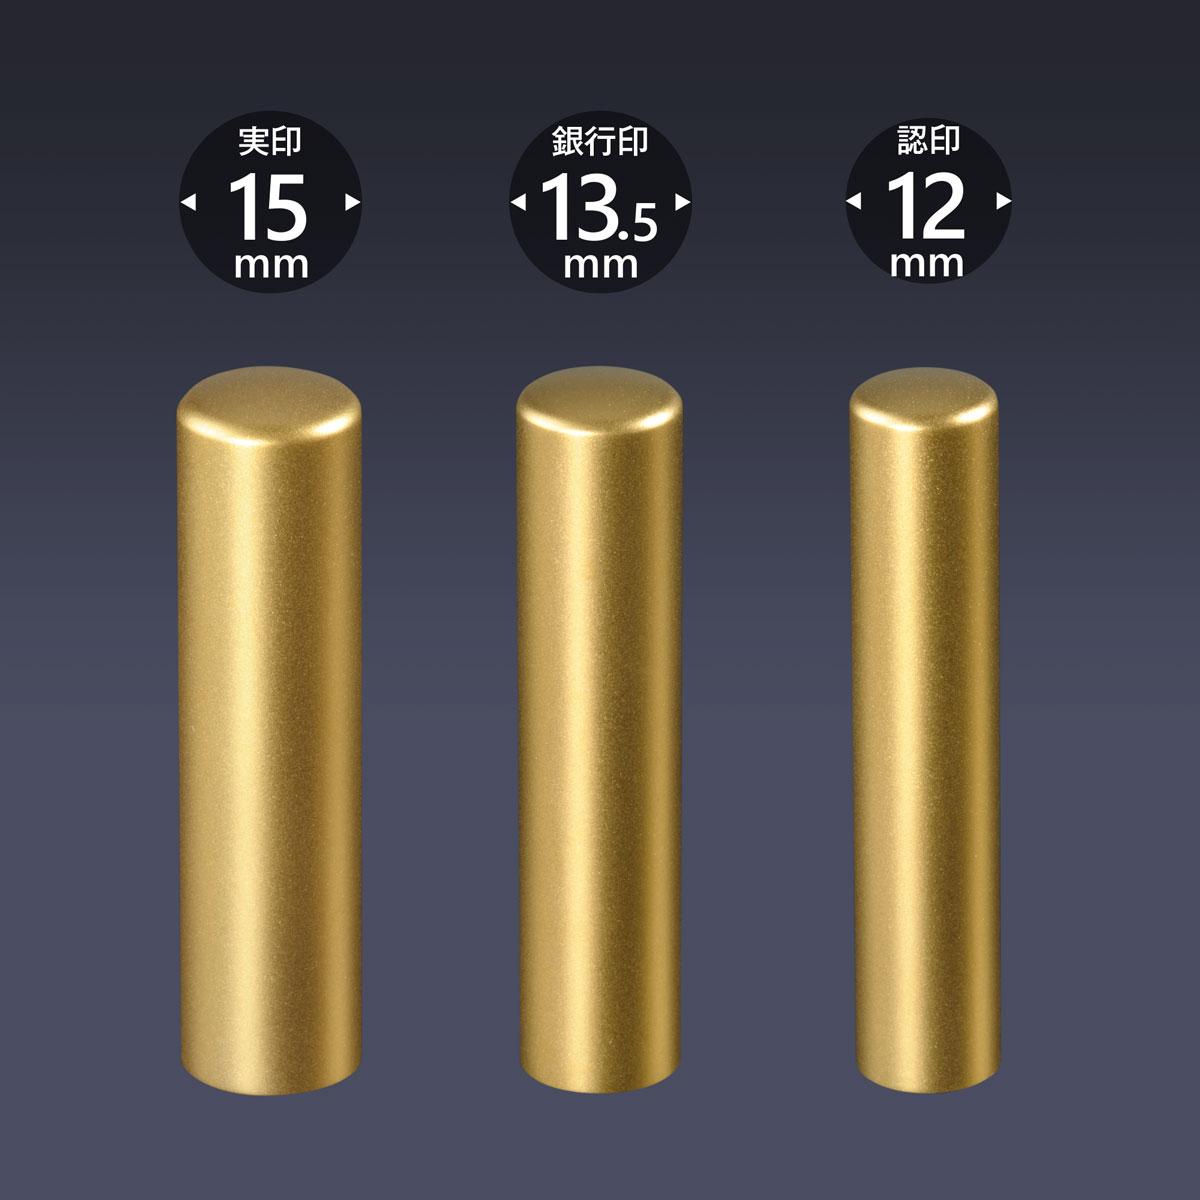 個人印 ブラストチタン(ゴールド) 3本Mセット/送料無料 女性 印鑑 男性 実印 銀行印 認印 はんこ 判子 プレゼント ギフト